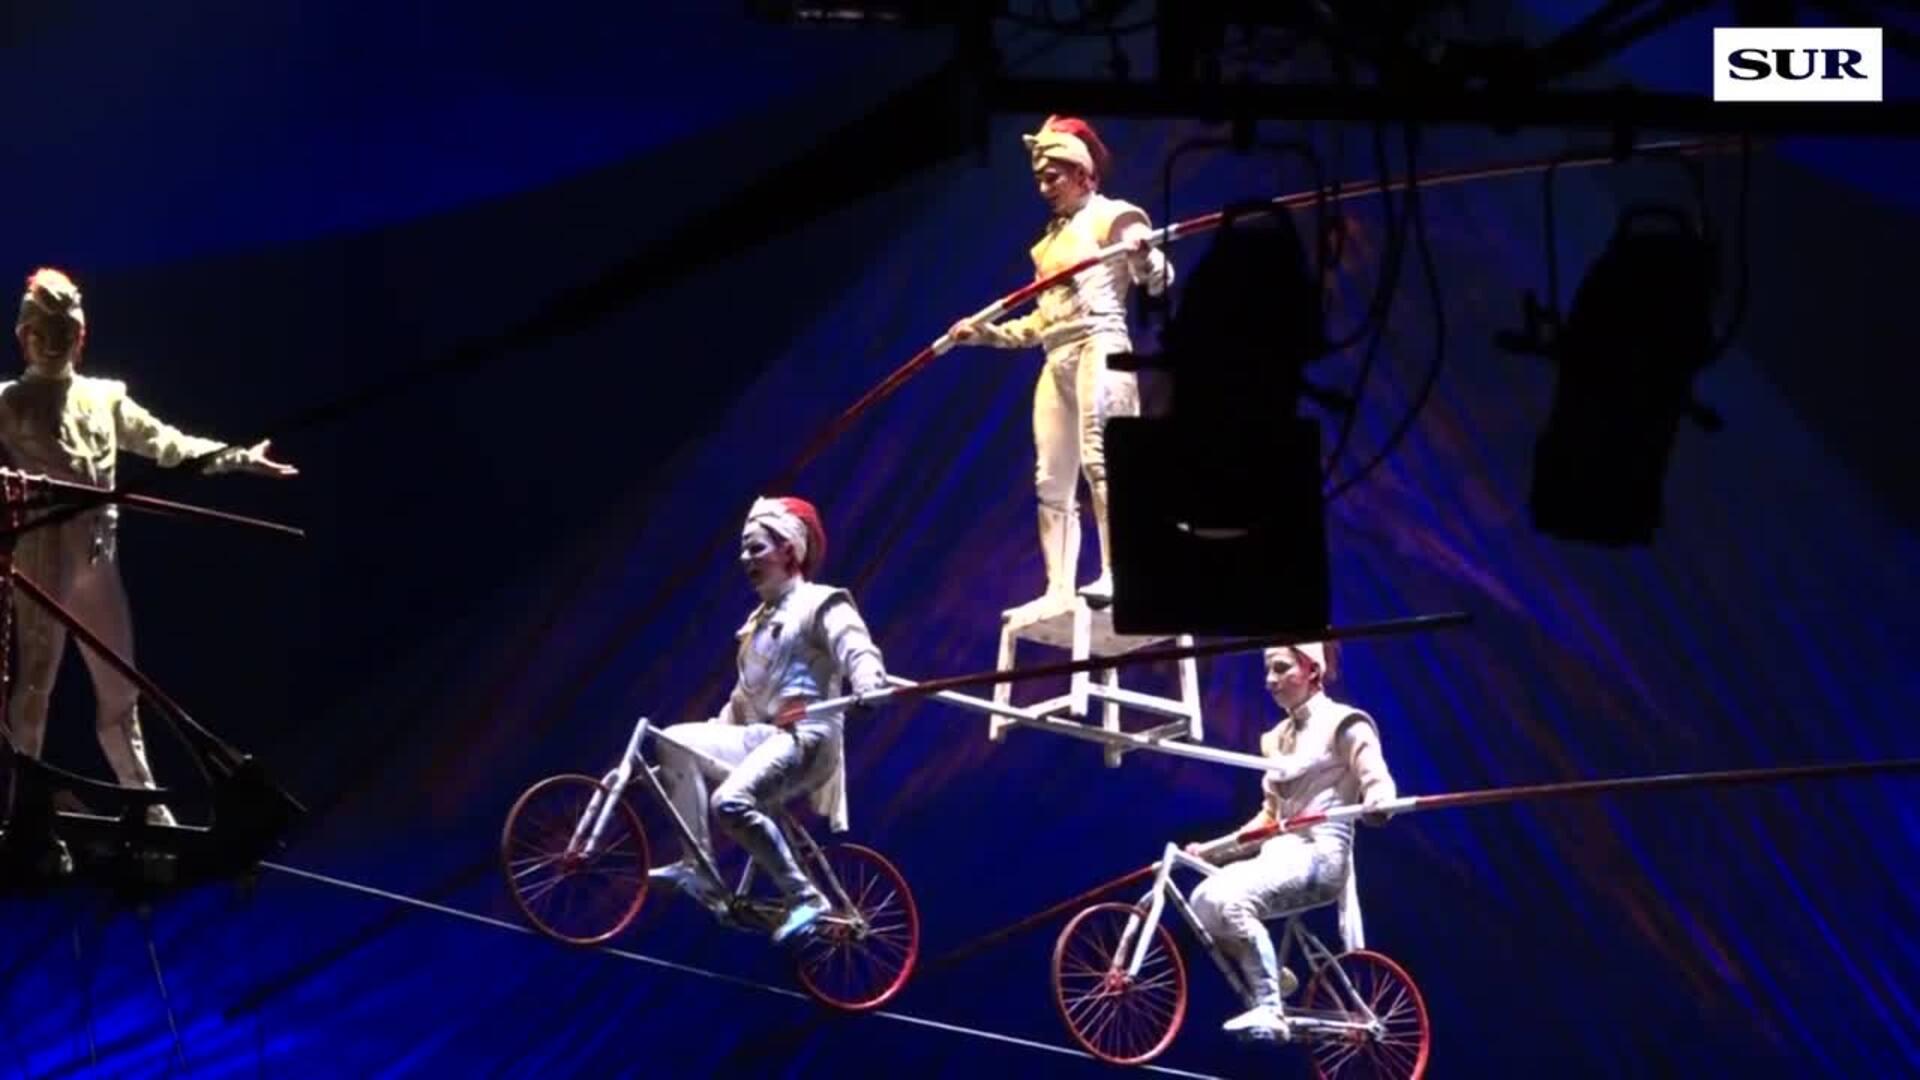 Así es el espectáculo del Circo del Sol, Kooza